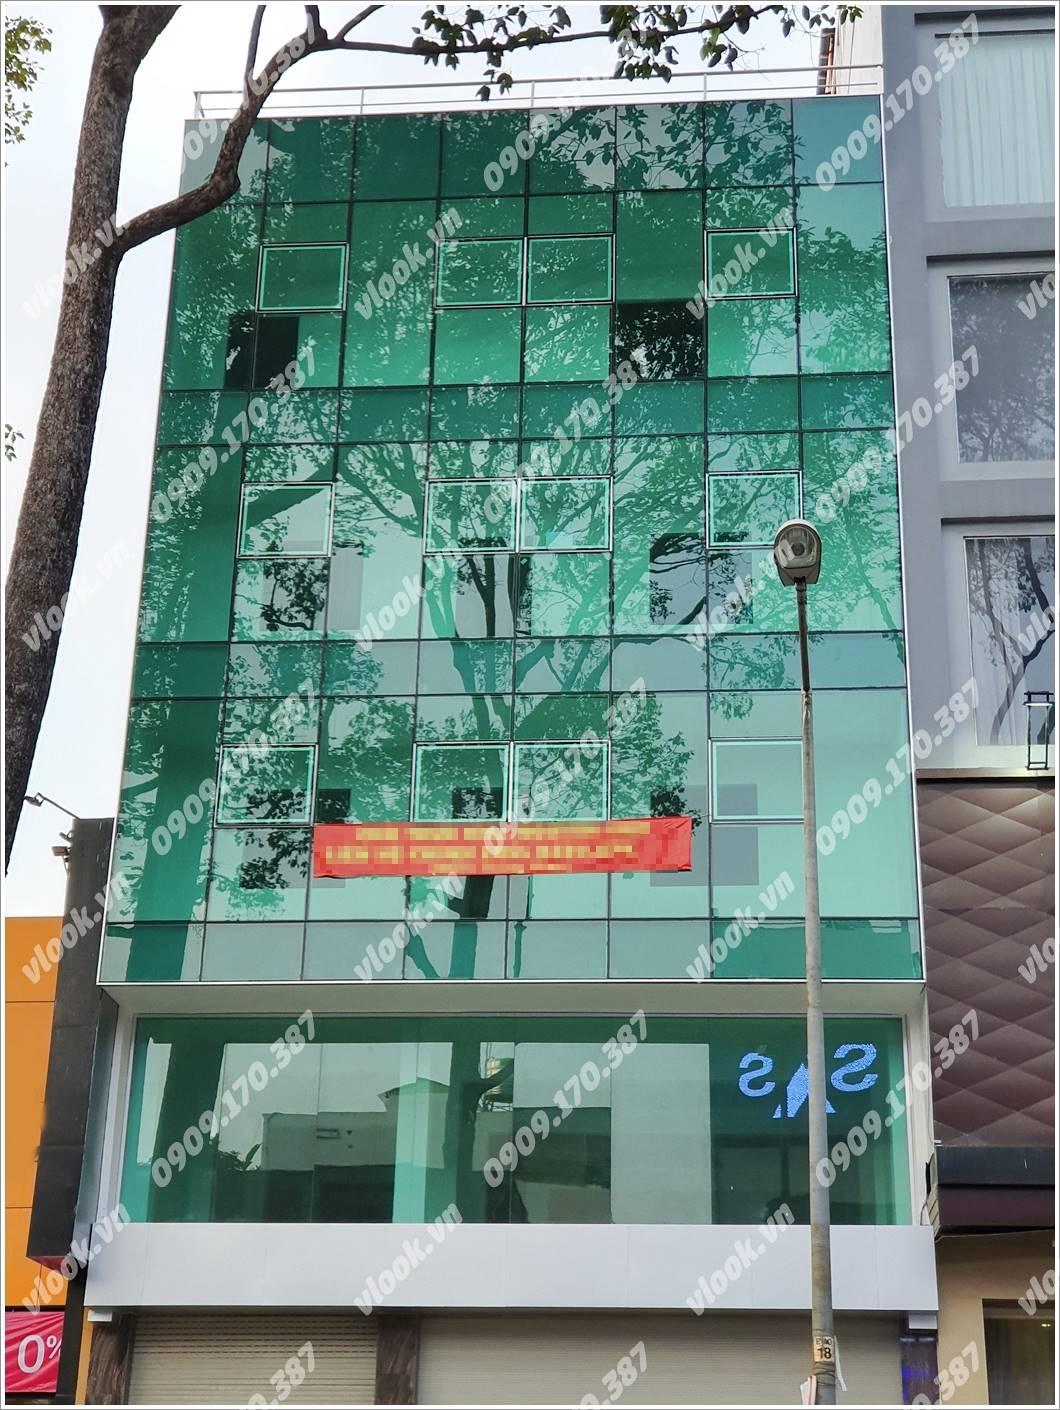 Cao ốc cho thuê văn phòng THD Building Trần Hưng Đạo Quận 5 - vlook.vn